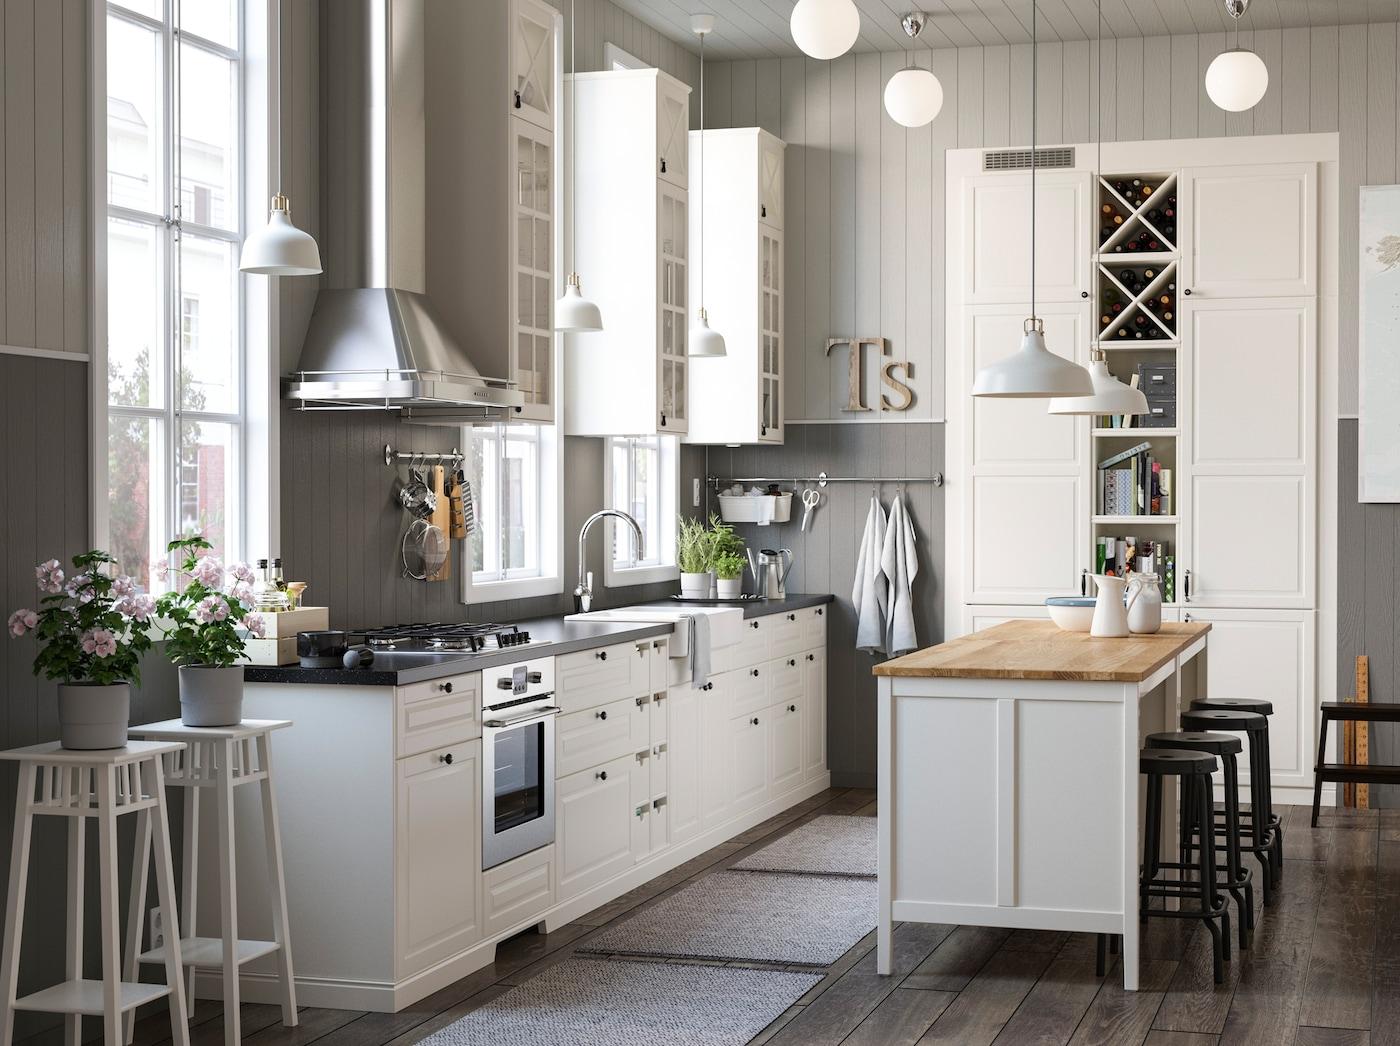 A gama de cozinha TORNVIKEN inclui prateleiras e armários de cozinha em branco, abertos e fechados, disponíveis em vários tamanhos para melhor se adaptarem às suas necessidades na cozinha.